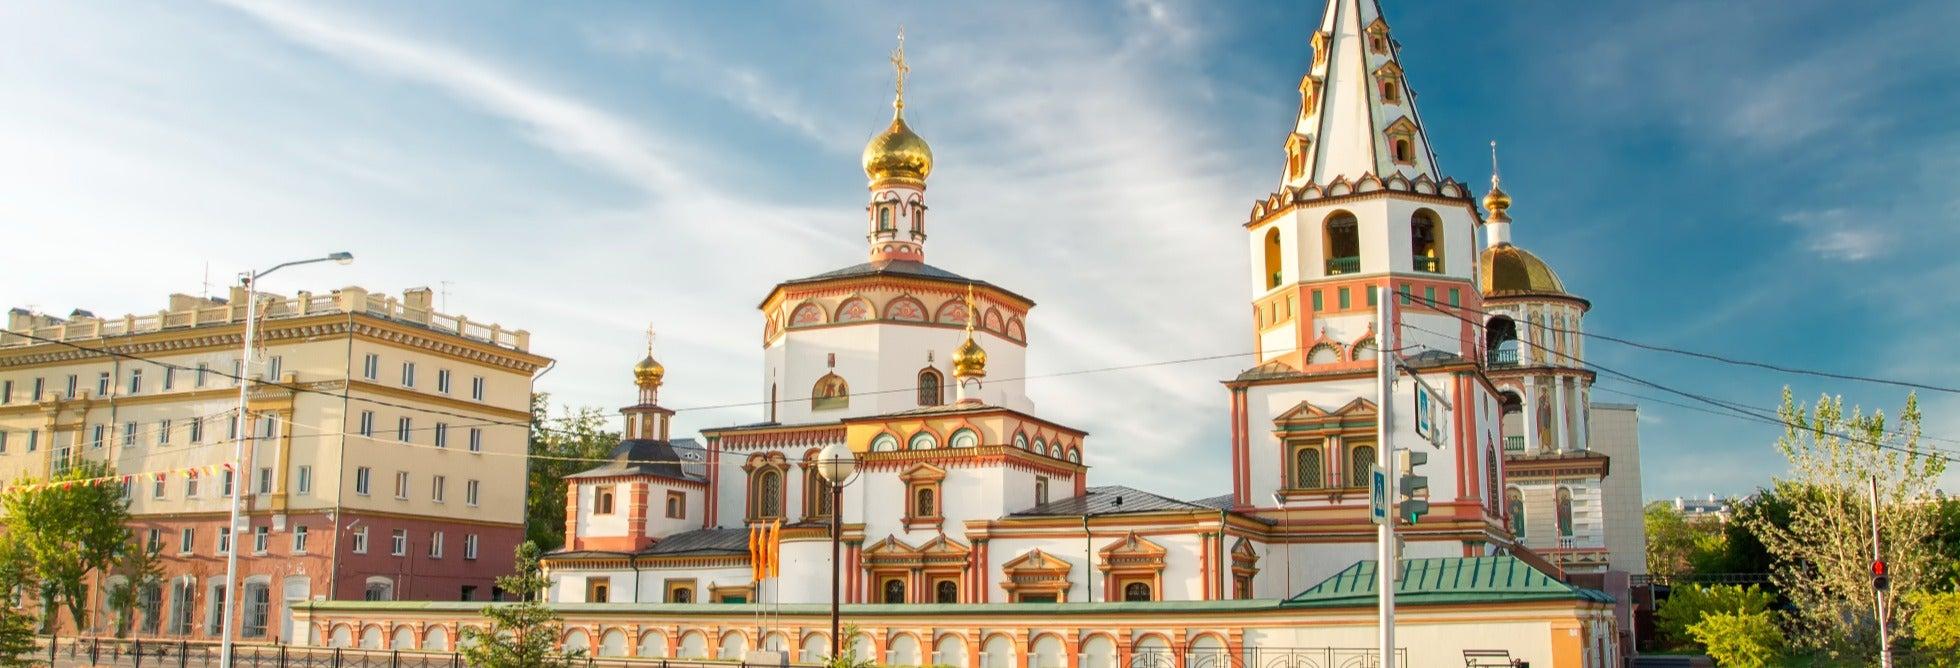 Visita guiada privada por Irkutsk